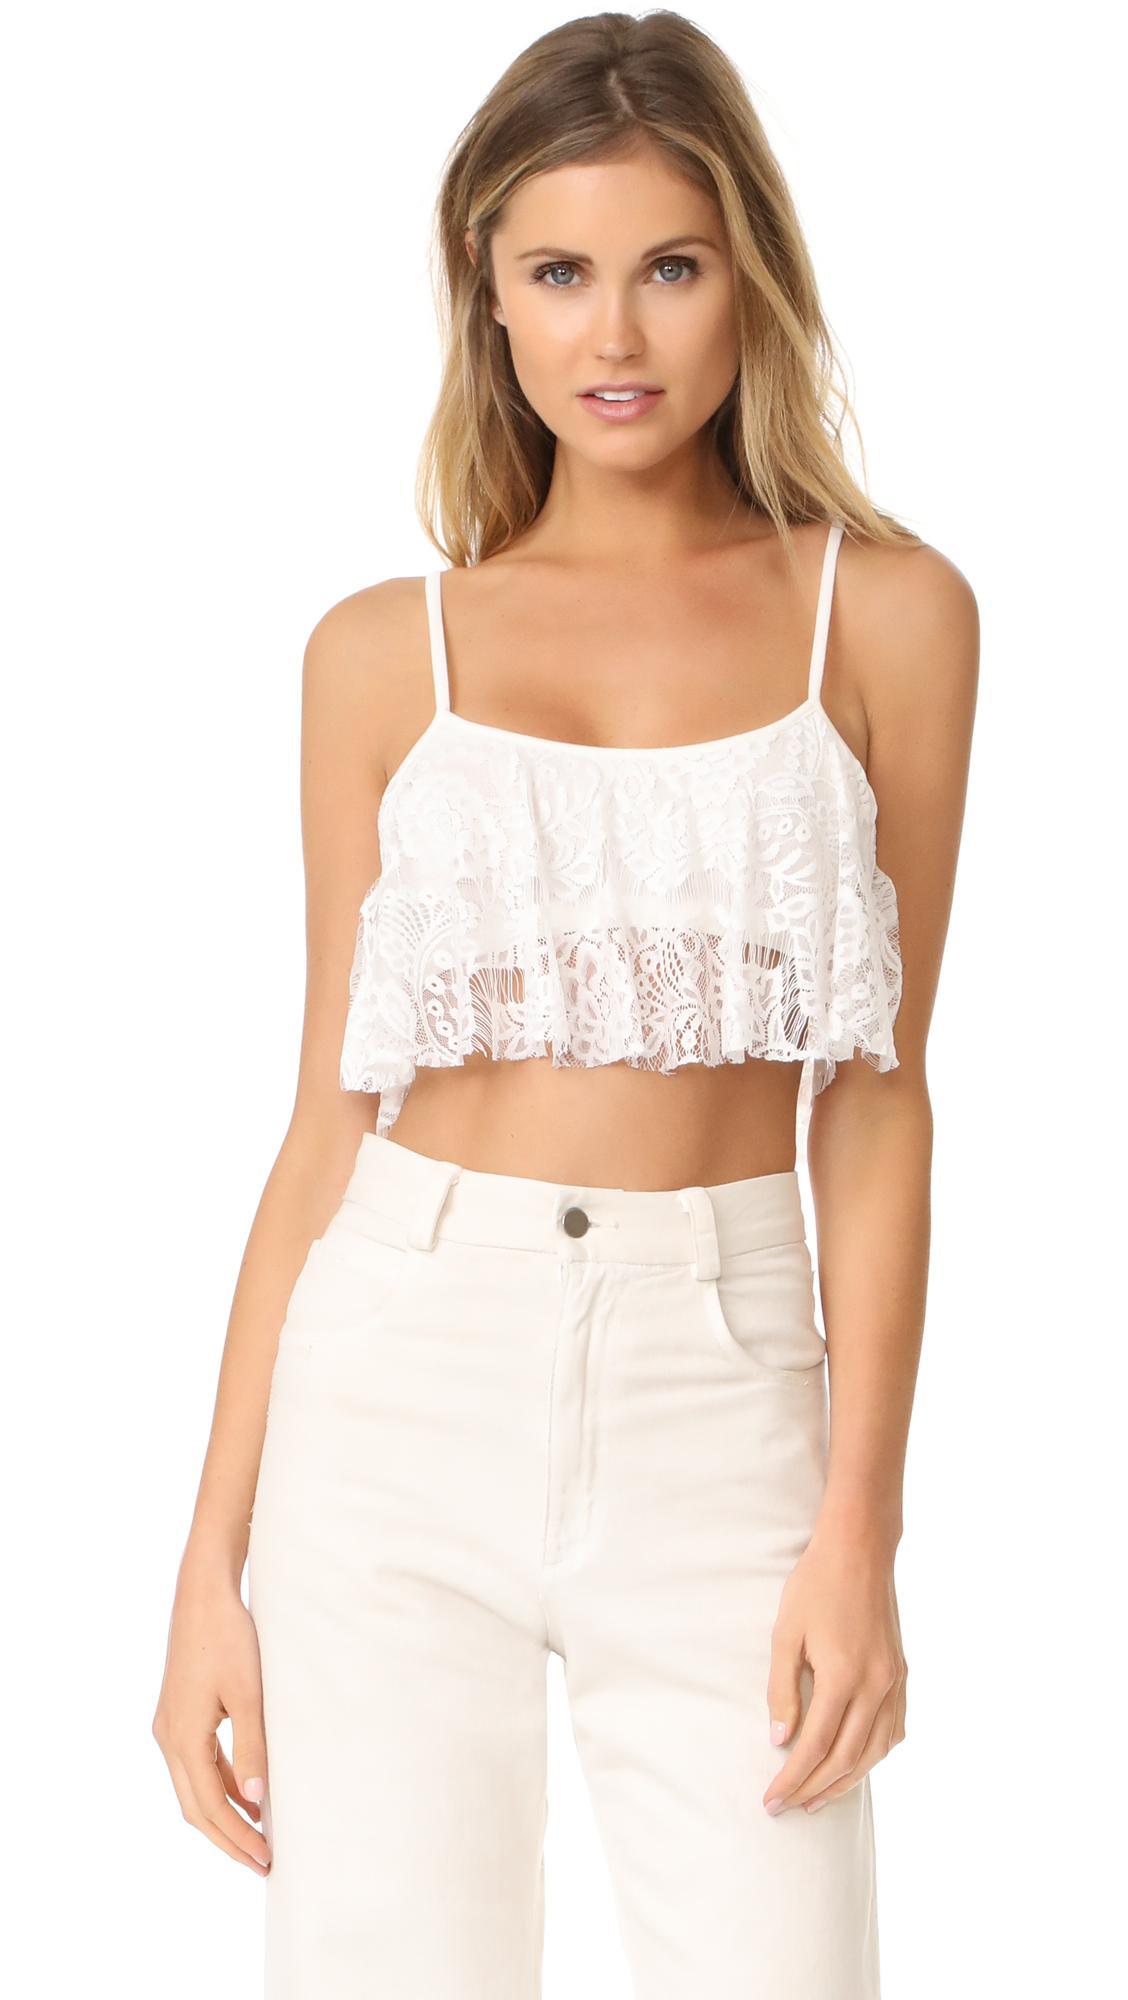 196fe75e12e6a Lyst - Love Sadie Lace Crop Top in White